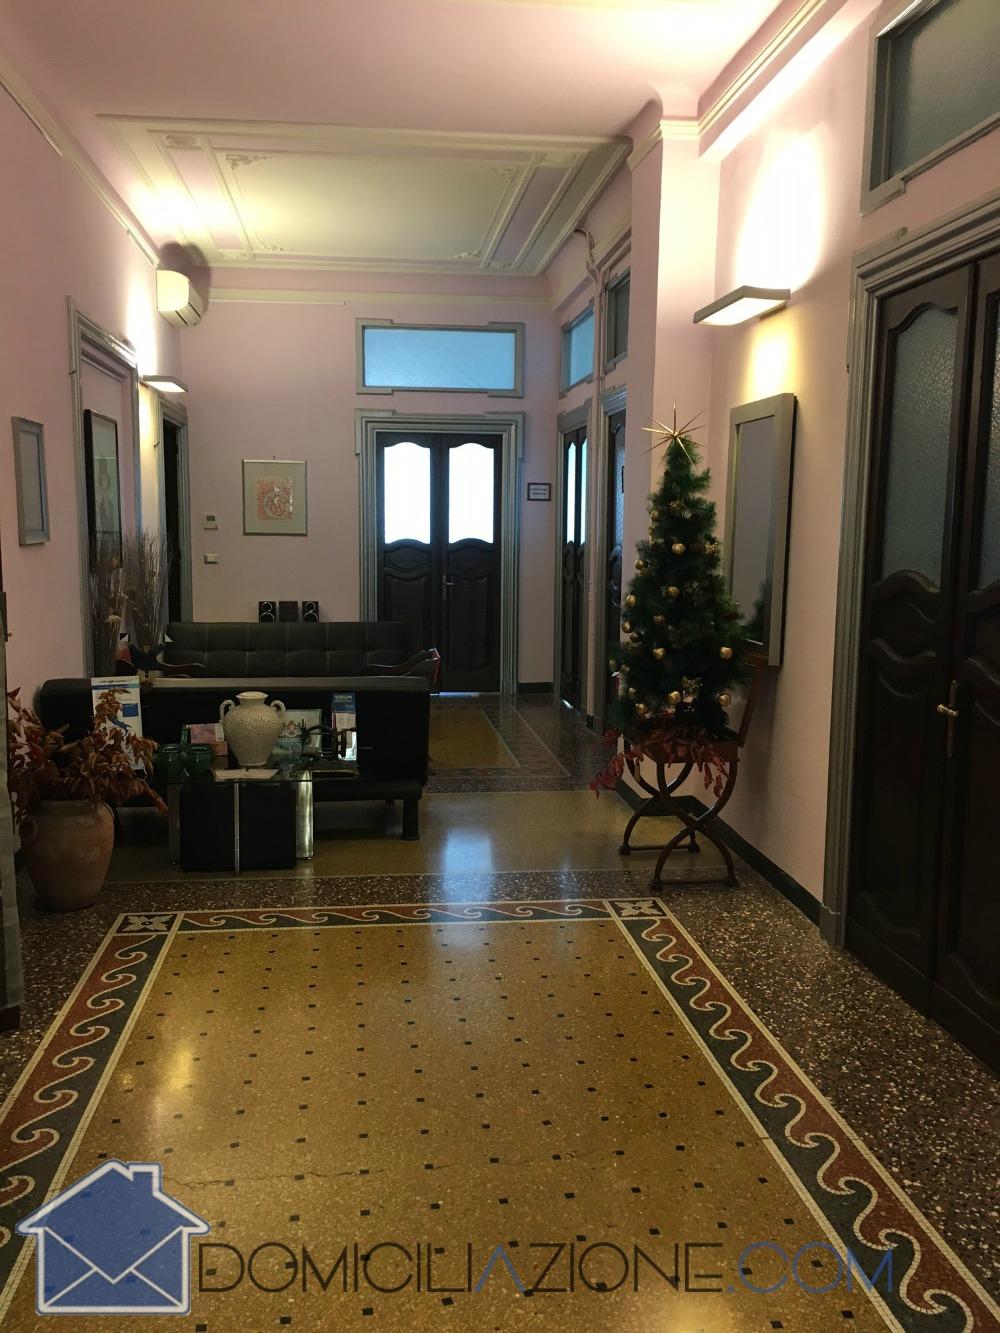 Domiciliazione a genova stazione porta principe sede for Domiciliazione legale